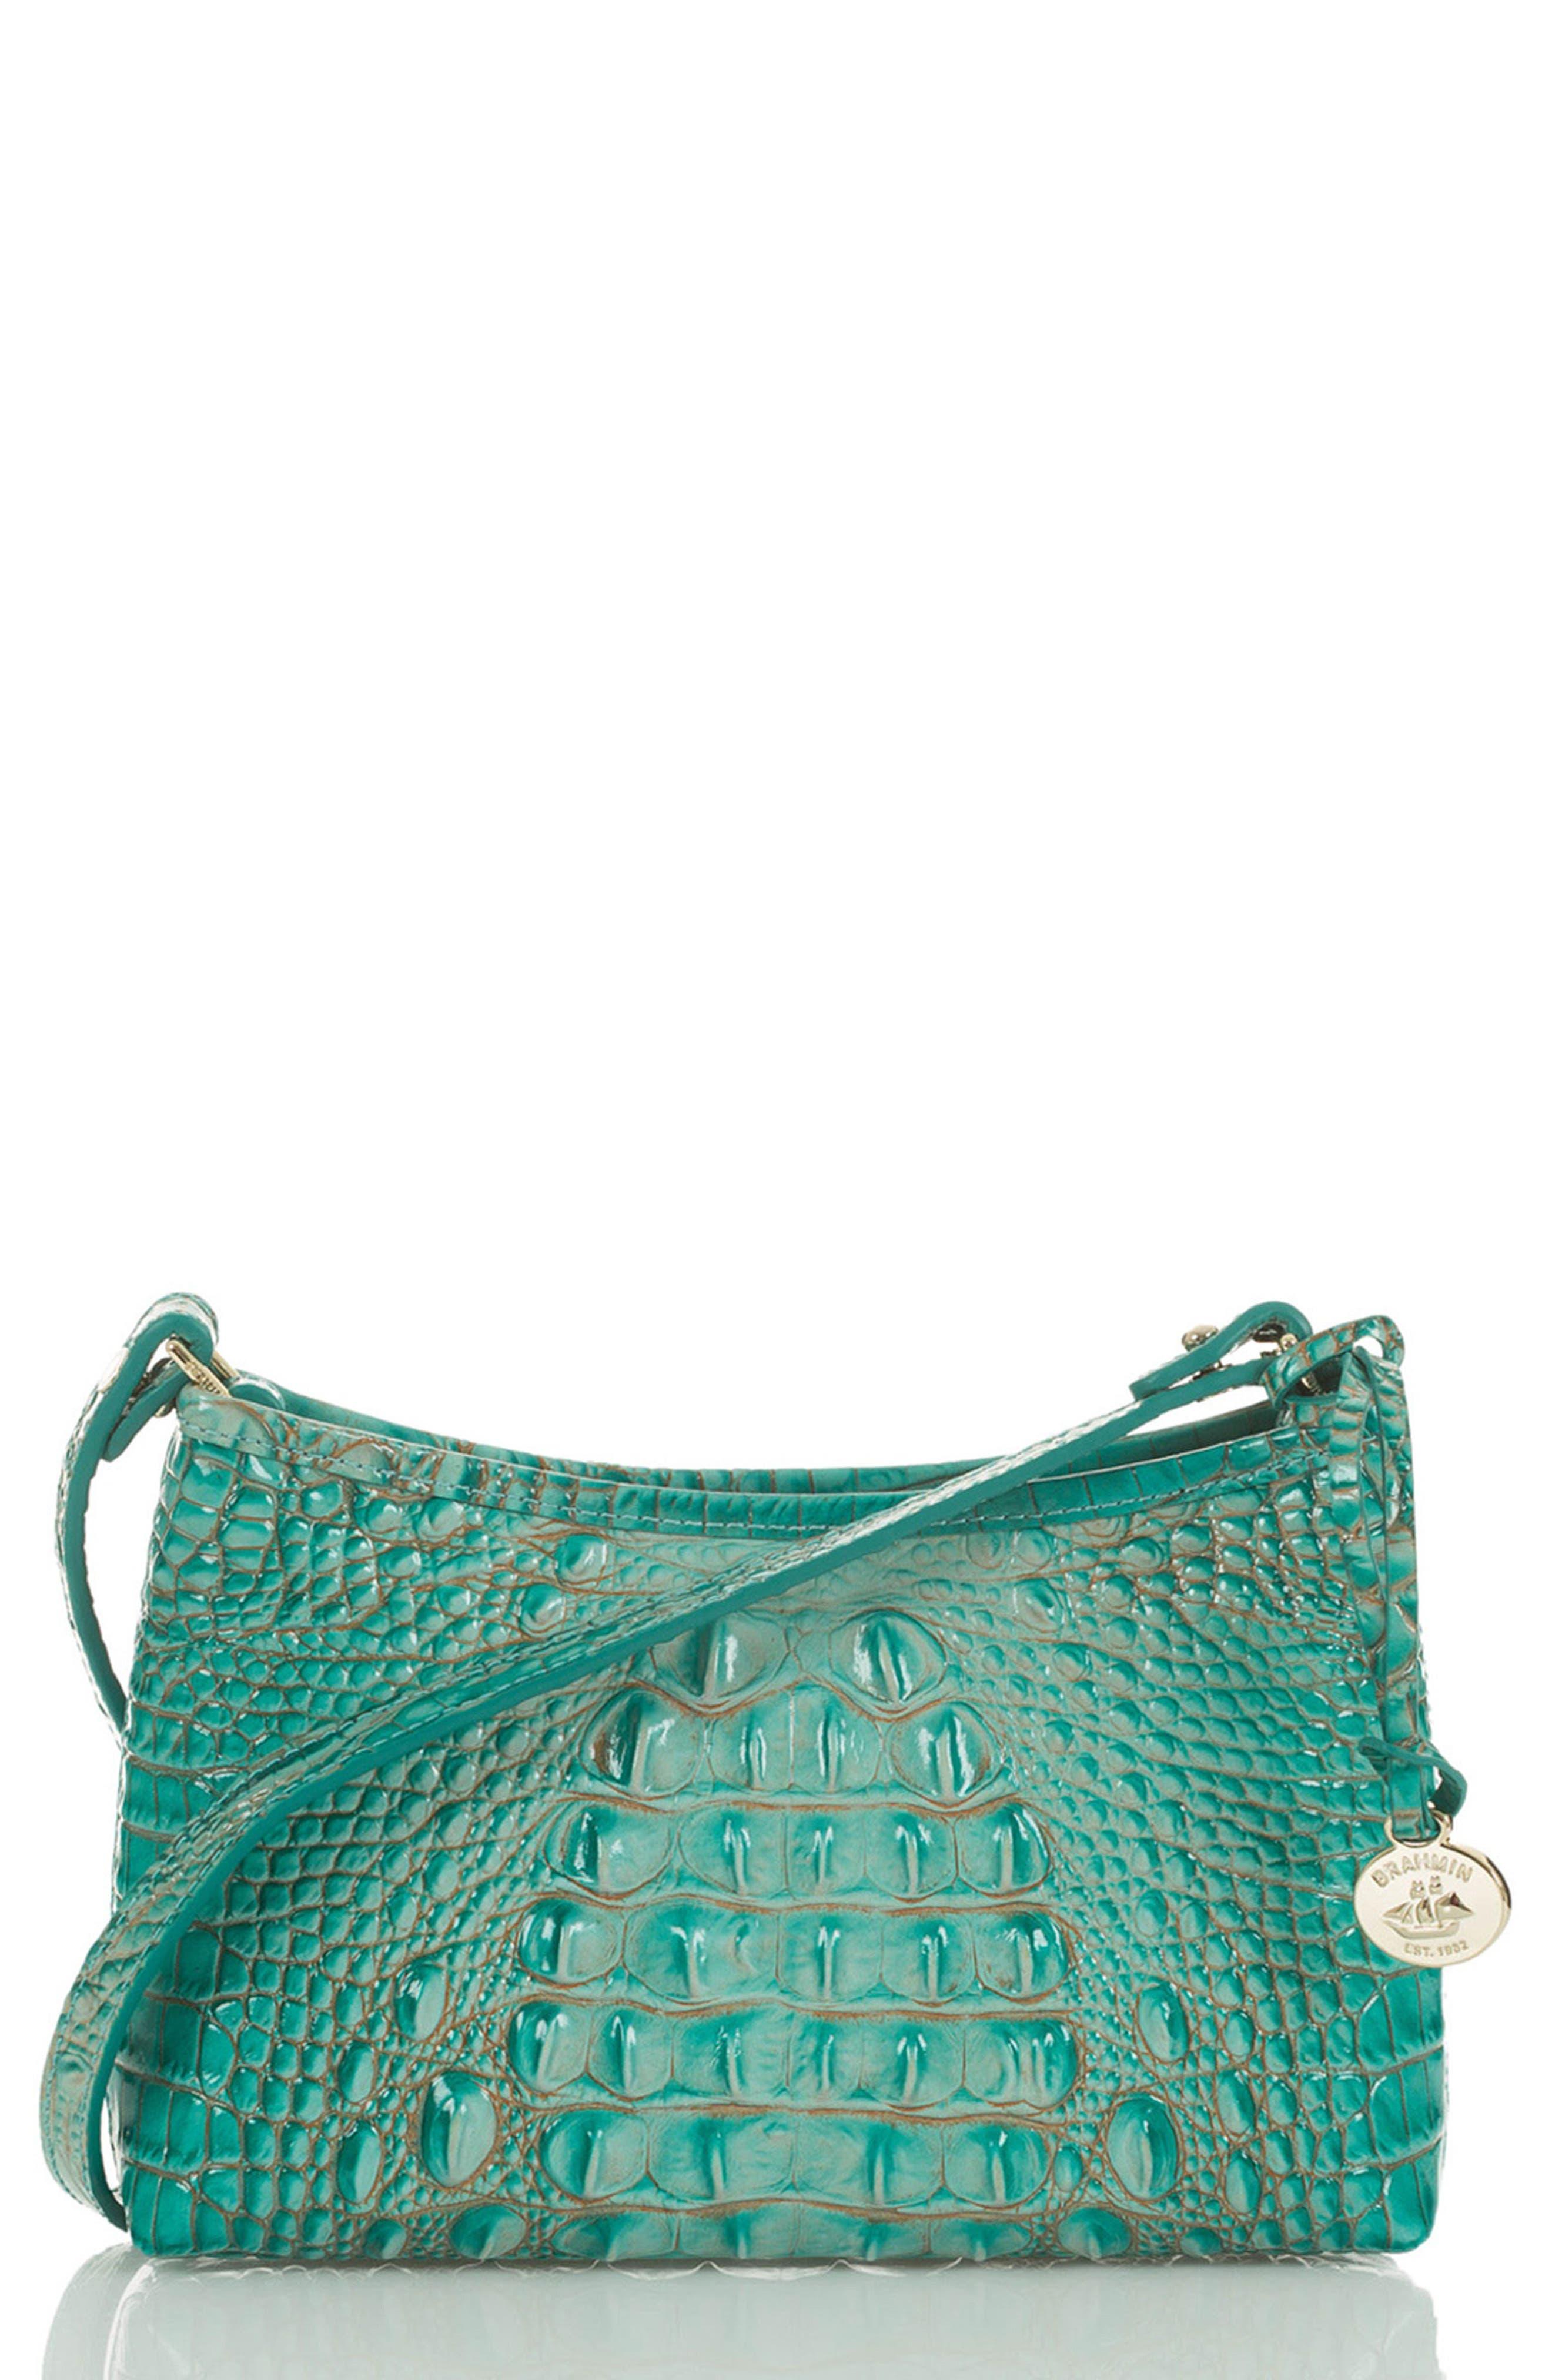 'Anytime - Mini' Convertible Handbag,                             Main thumbnail 5, color,